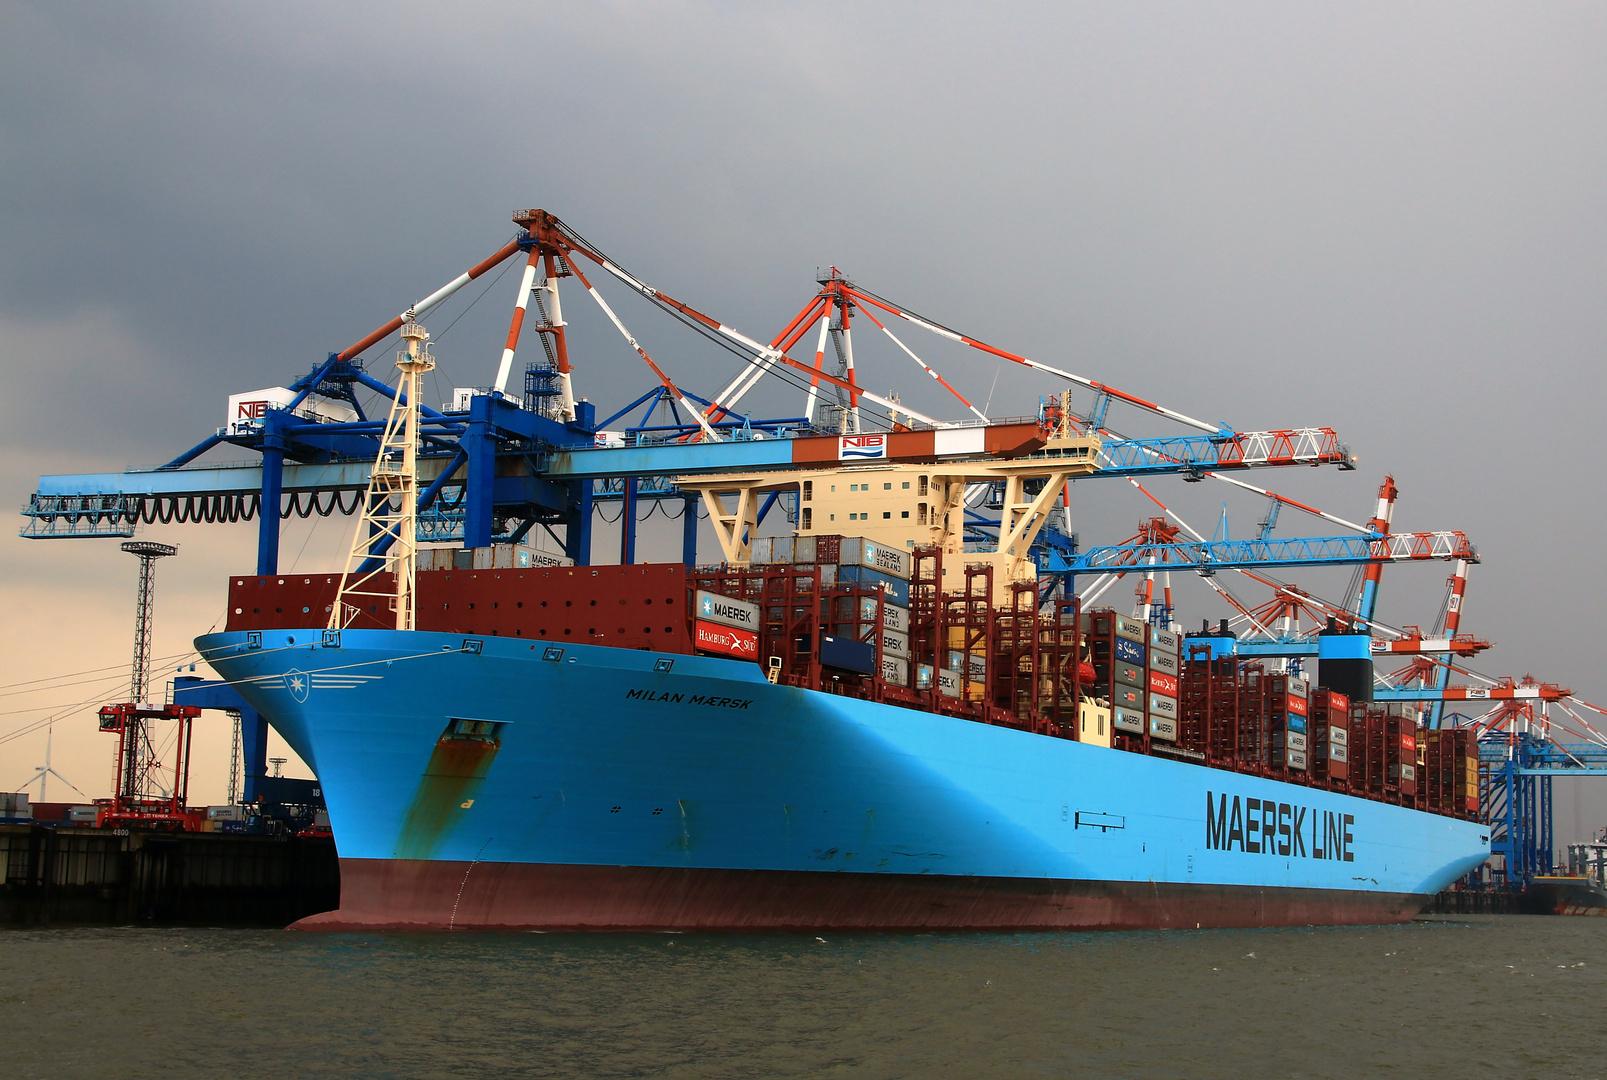 Milan Maersk